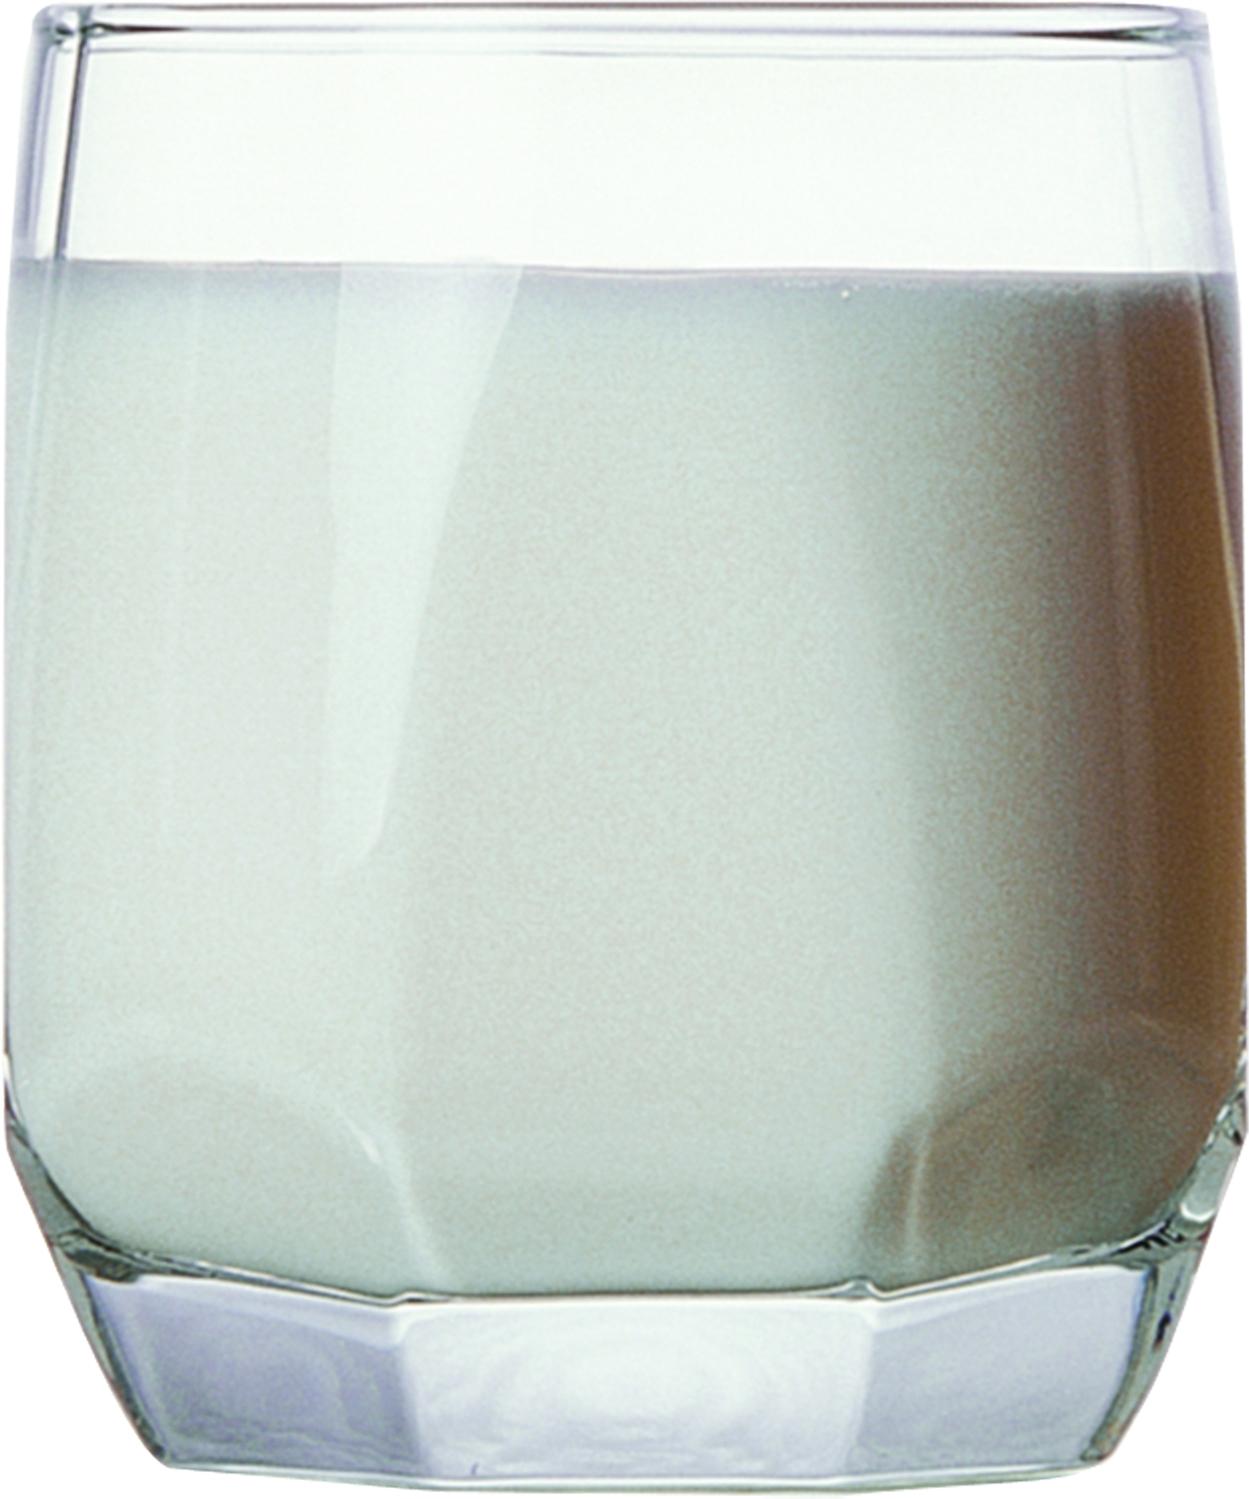 Ποτήρι Κρασιού Diamond 215ml IZ DIA/05 (Υλικό: Γυαλί) – EVE – 4-IZ DIA/05